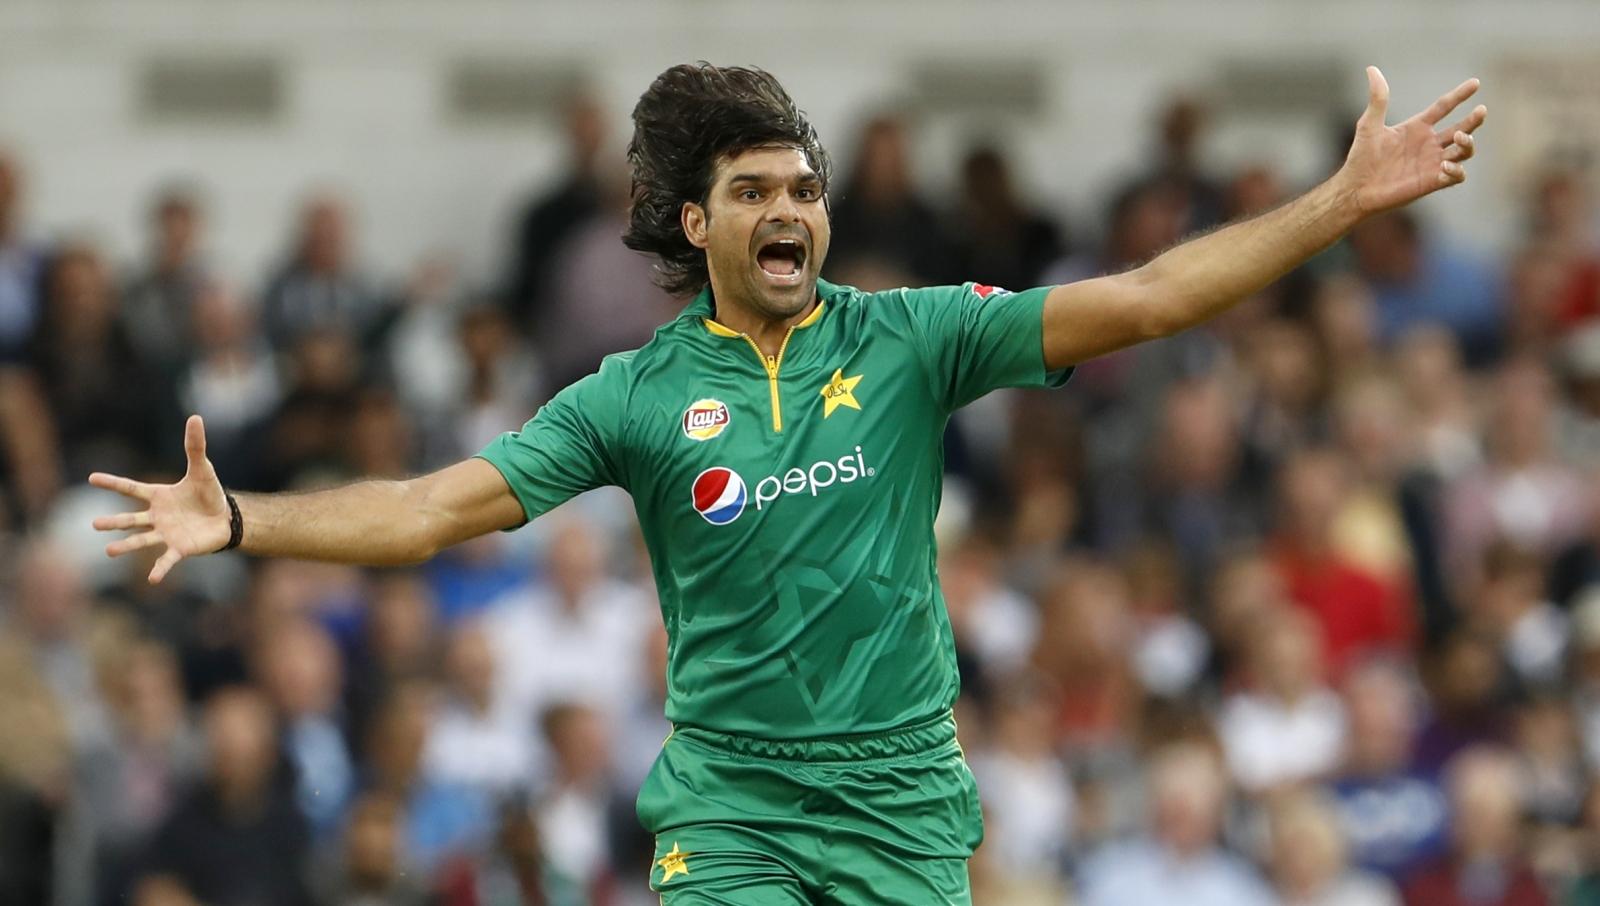 Mohammad Irfan